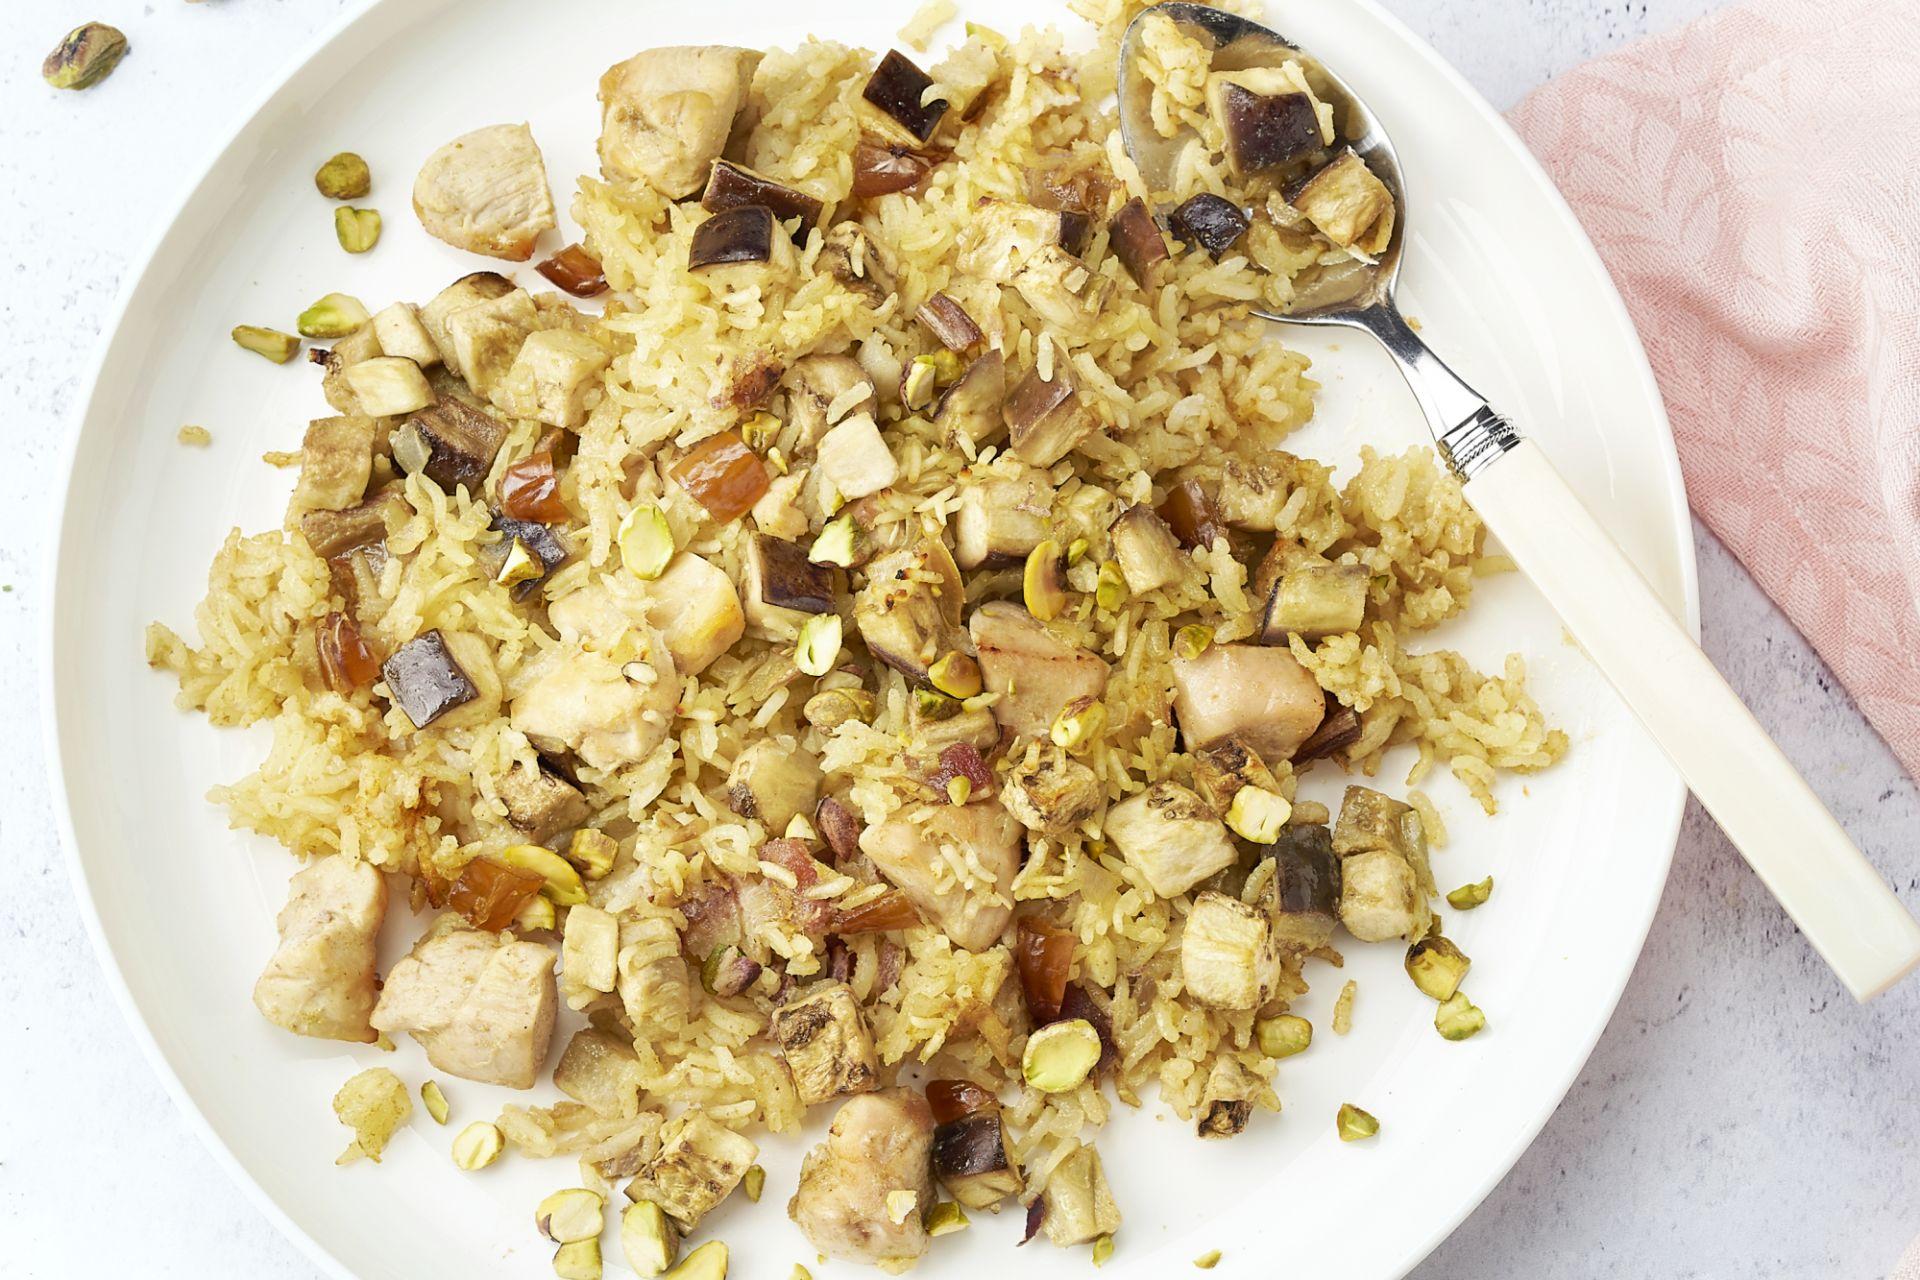 Marokkaanse ovenschotel met rijst, kip en dadels